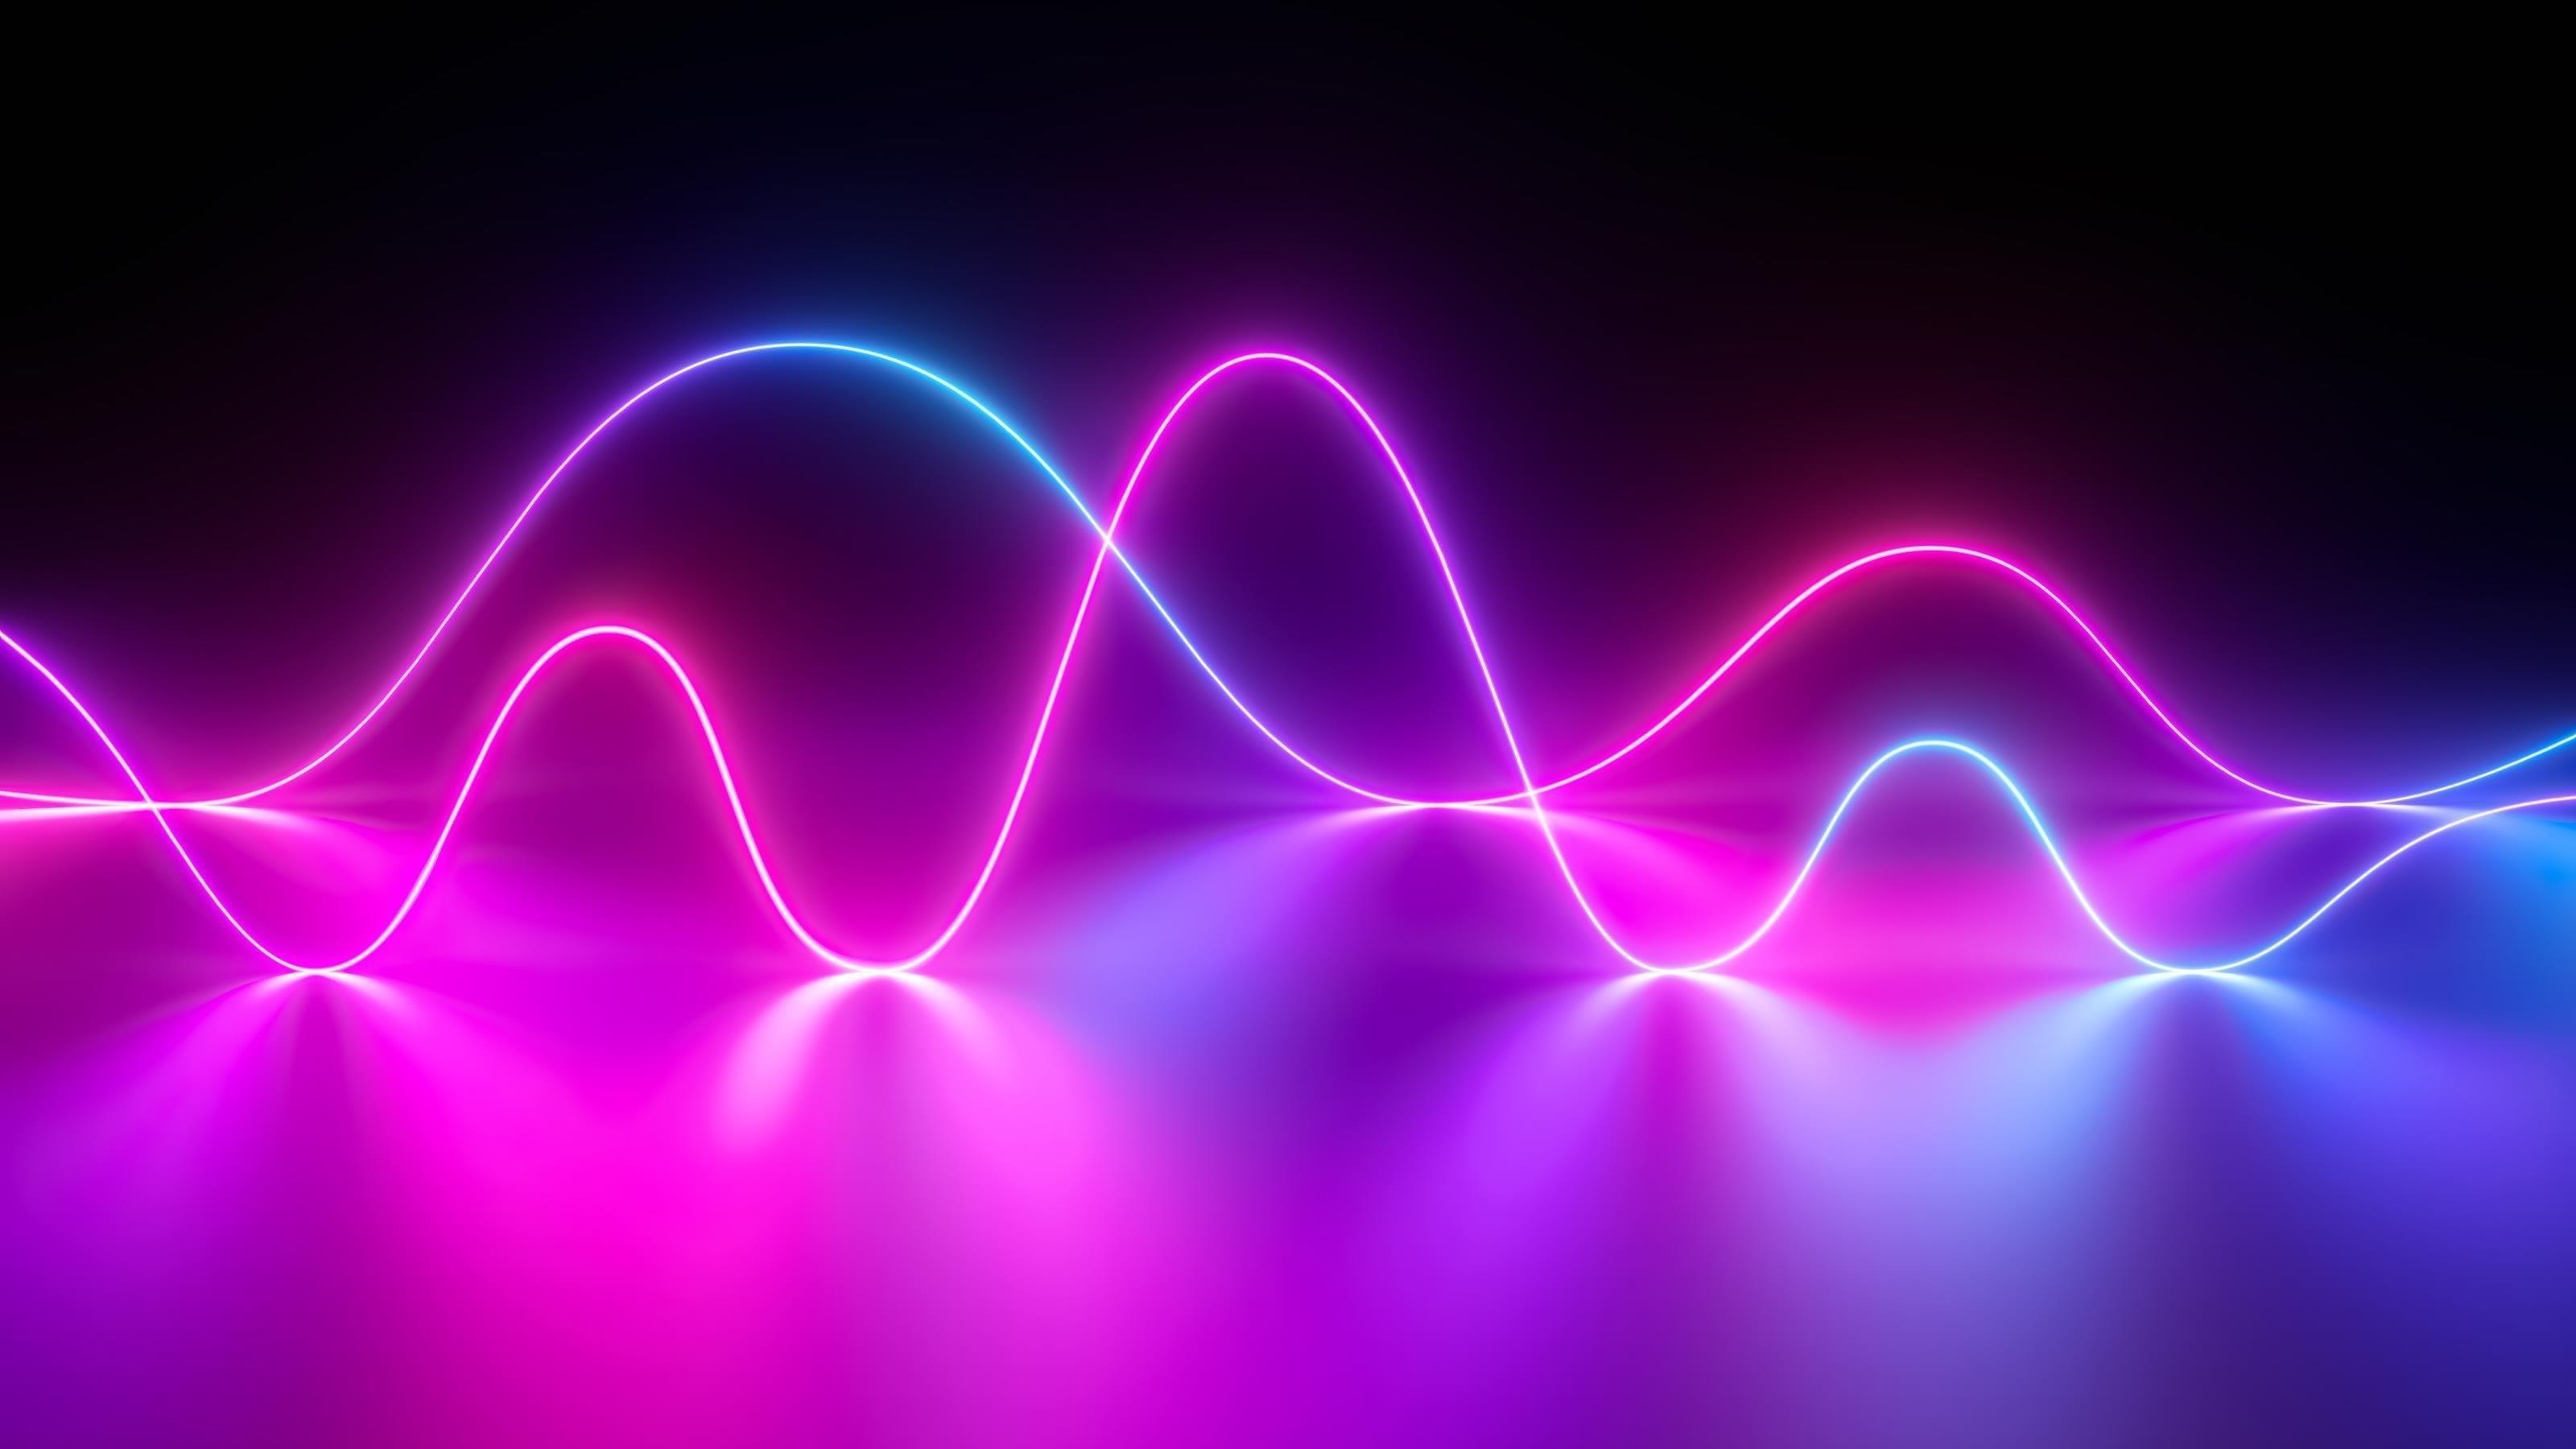 Неоновые волны обои скачать